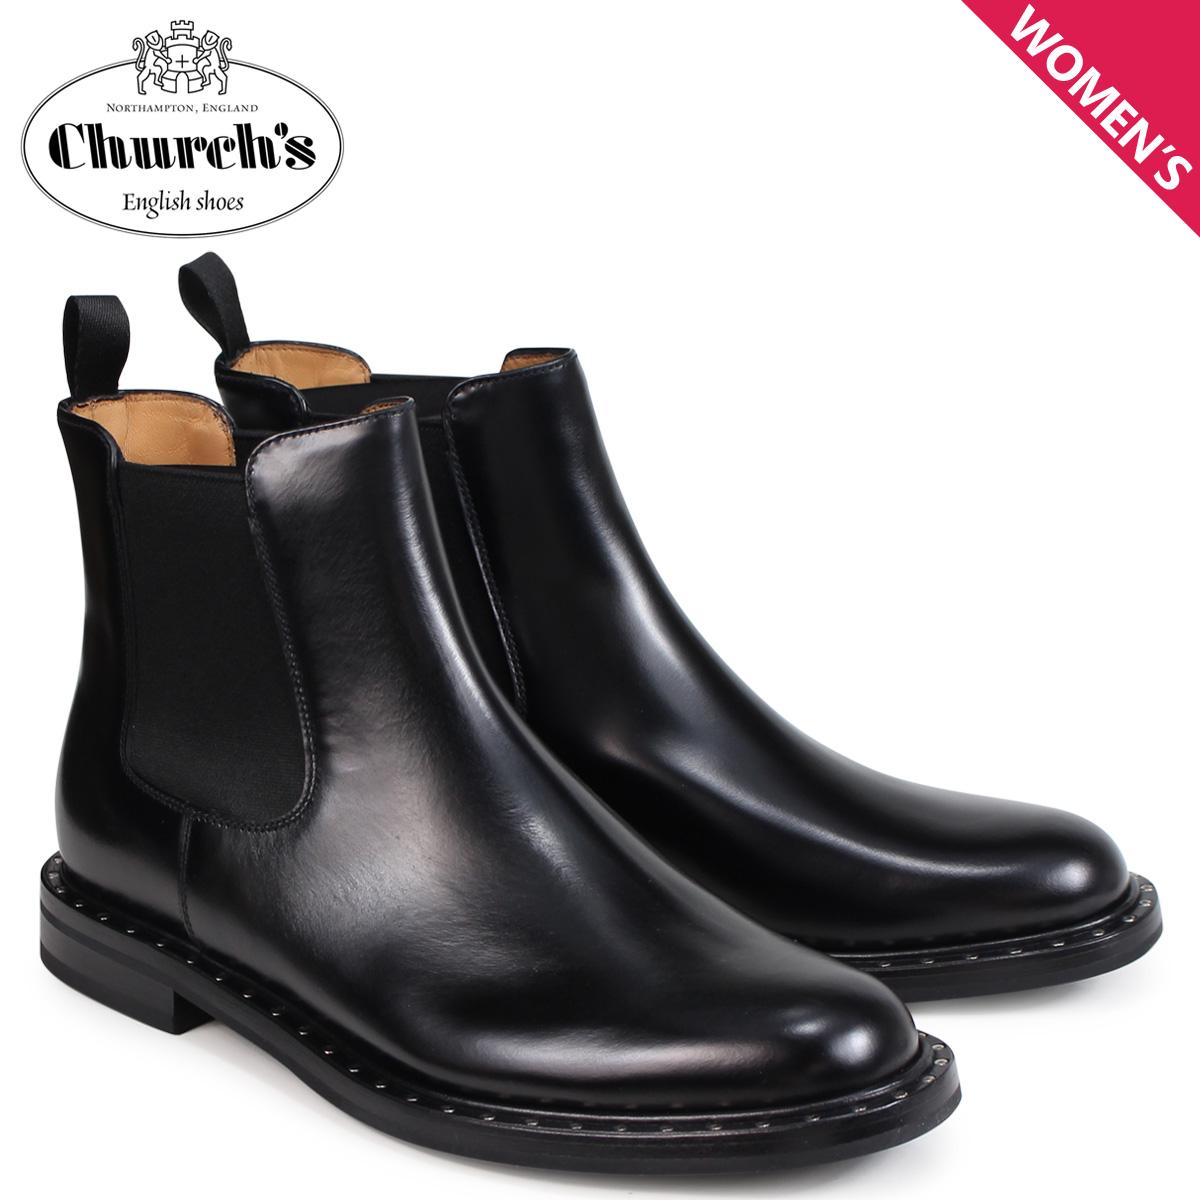 チャーチ Churchs 靴 レディース ニラー2 サイドゴア ショートブーツ NIRAH 2 POLISHED BINDER DT0039 ブラック